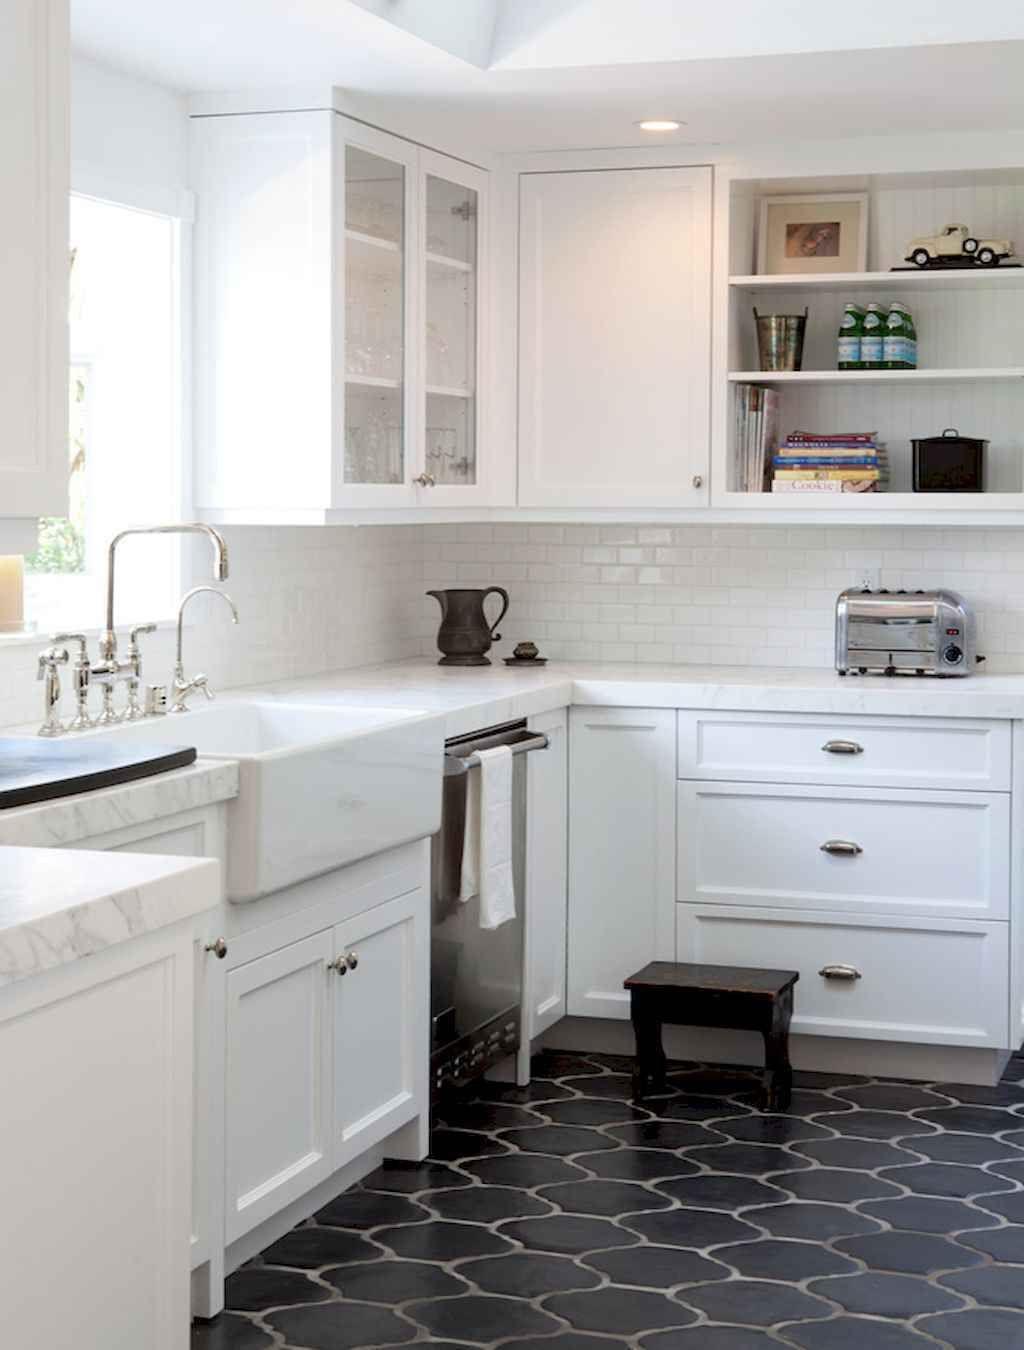 9 Tile Floor Farmhouse Kitchen Decor Ideas 9   Kitchen remodel ...